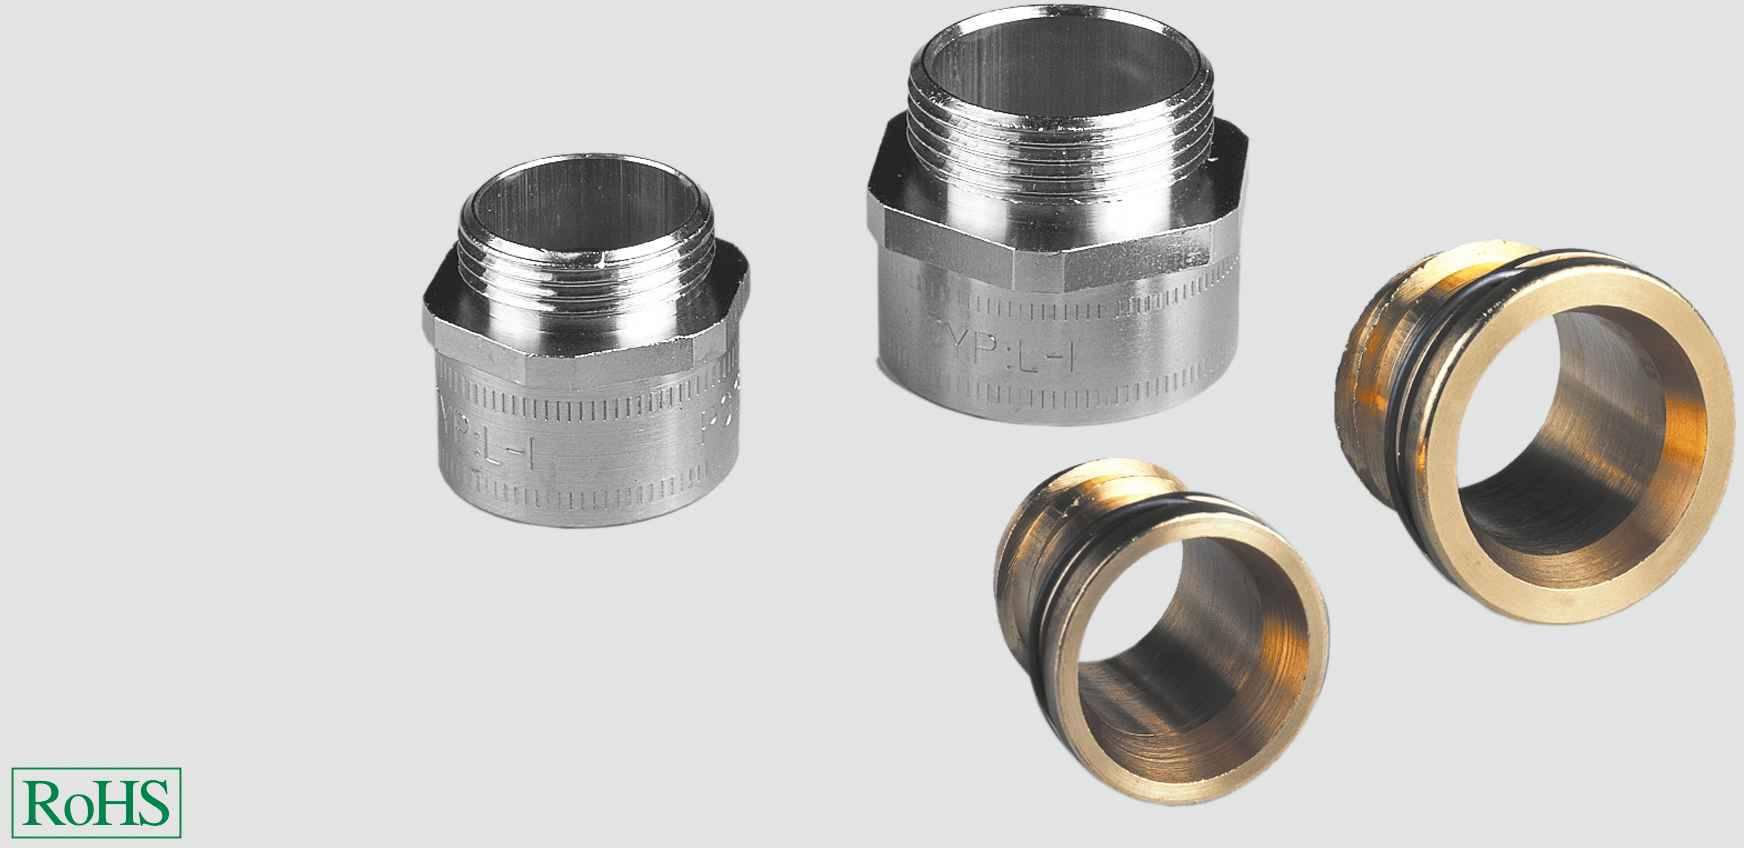 Hadicová spojka rovná Helukabel LK-I PG48 grau 90729, PG48, šedá, 1 ks